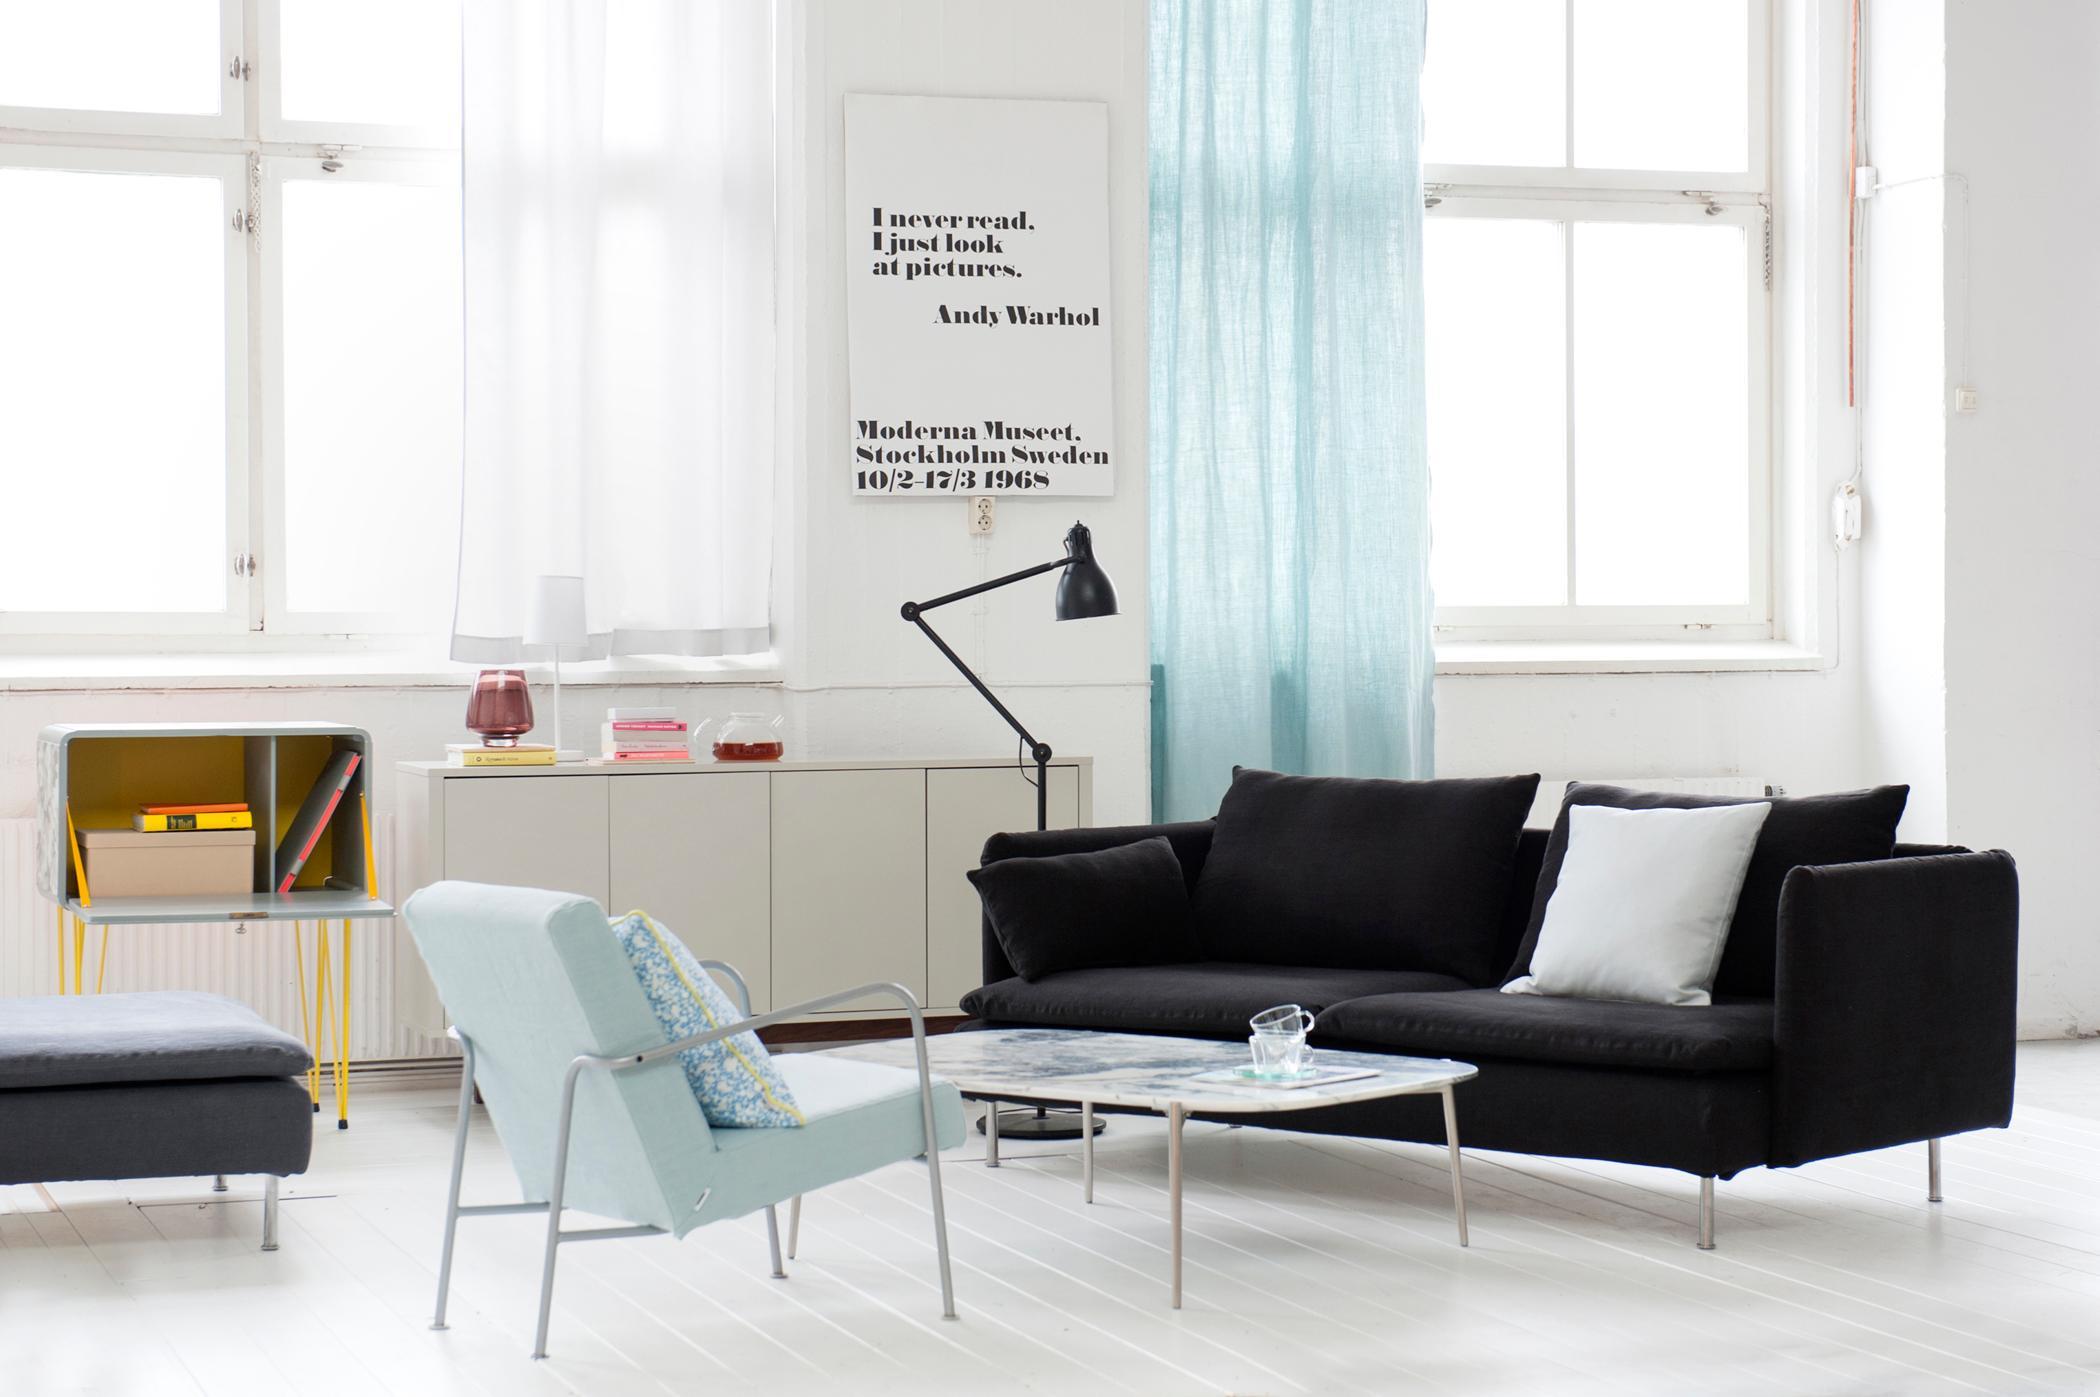 Skandinavisch Einrichten #couchtisch #sessel #stehlampe #ikea #sofa  #weißerholzboden ©Bemz